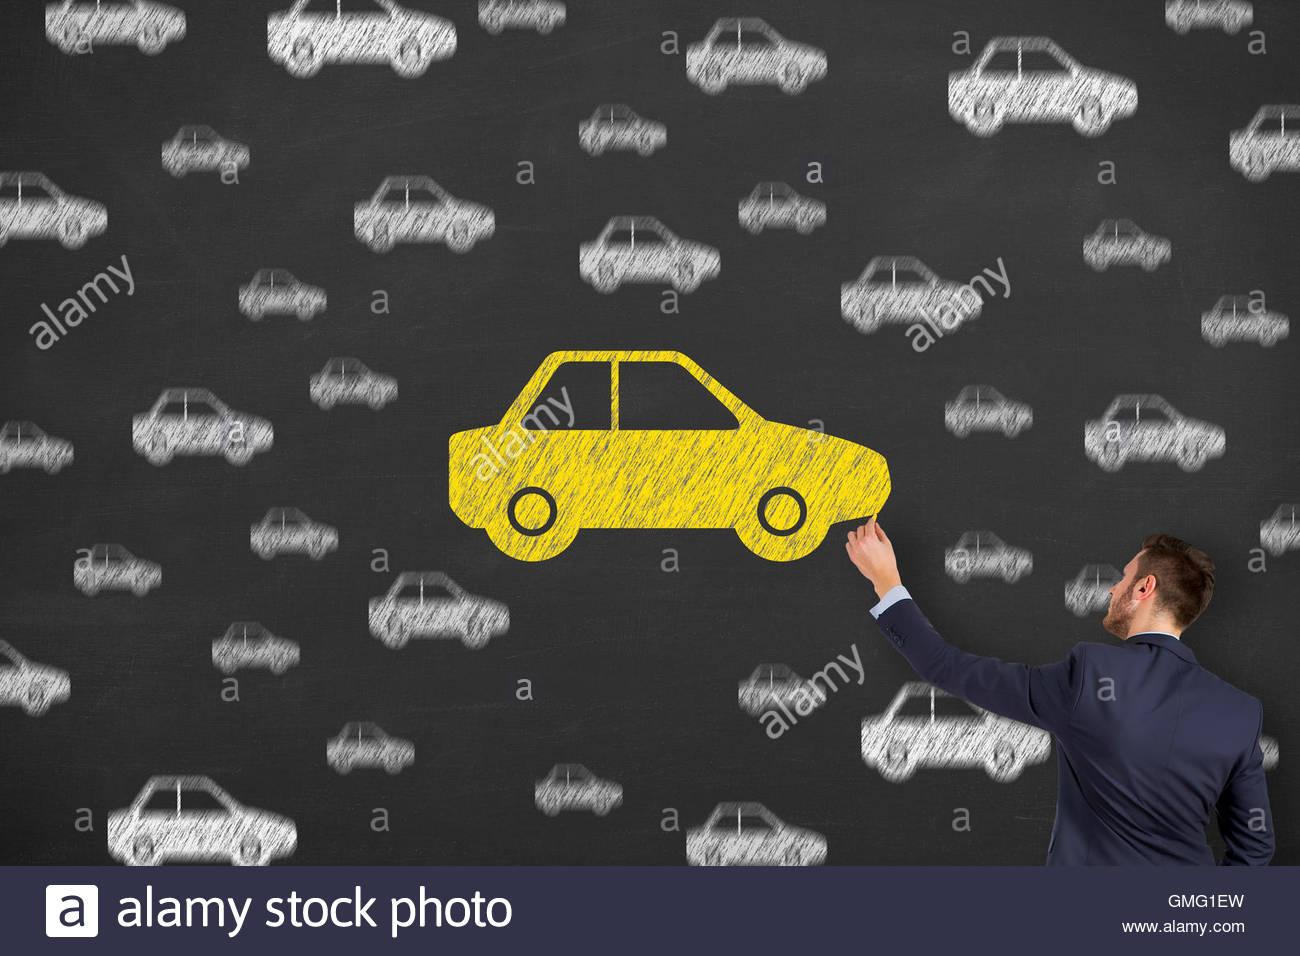 Car Concept Drawing Stockfotos & Car Concept Drawing Bilder - Seite ...